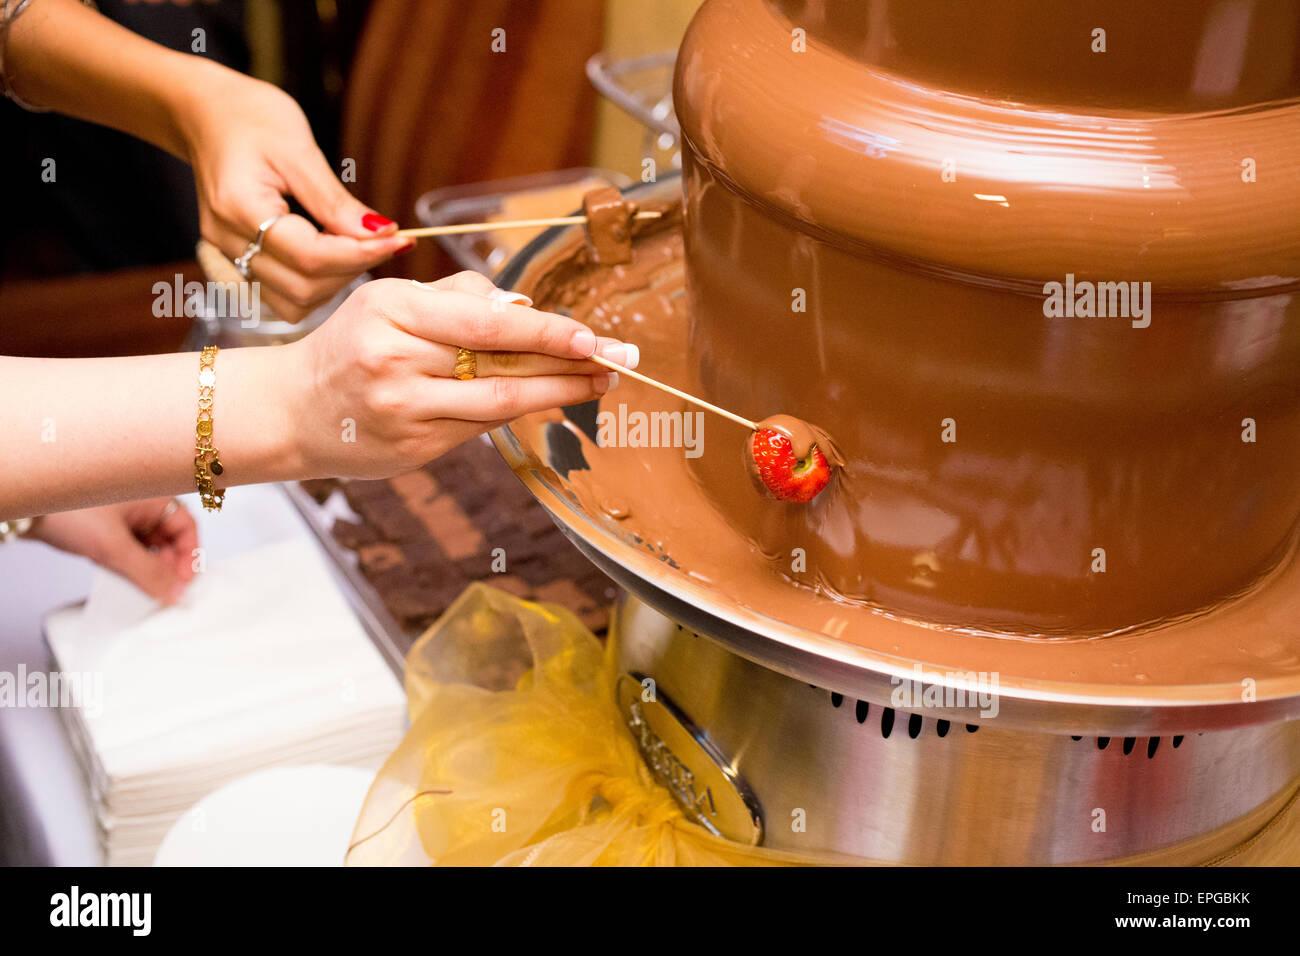 Hände eintauchen Snacks in einem Schokoladenbrunnen Stockbild